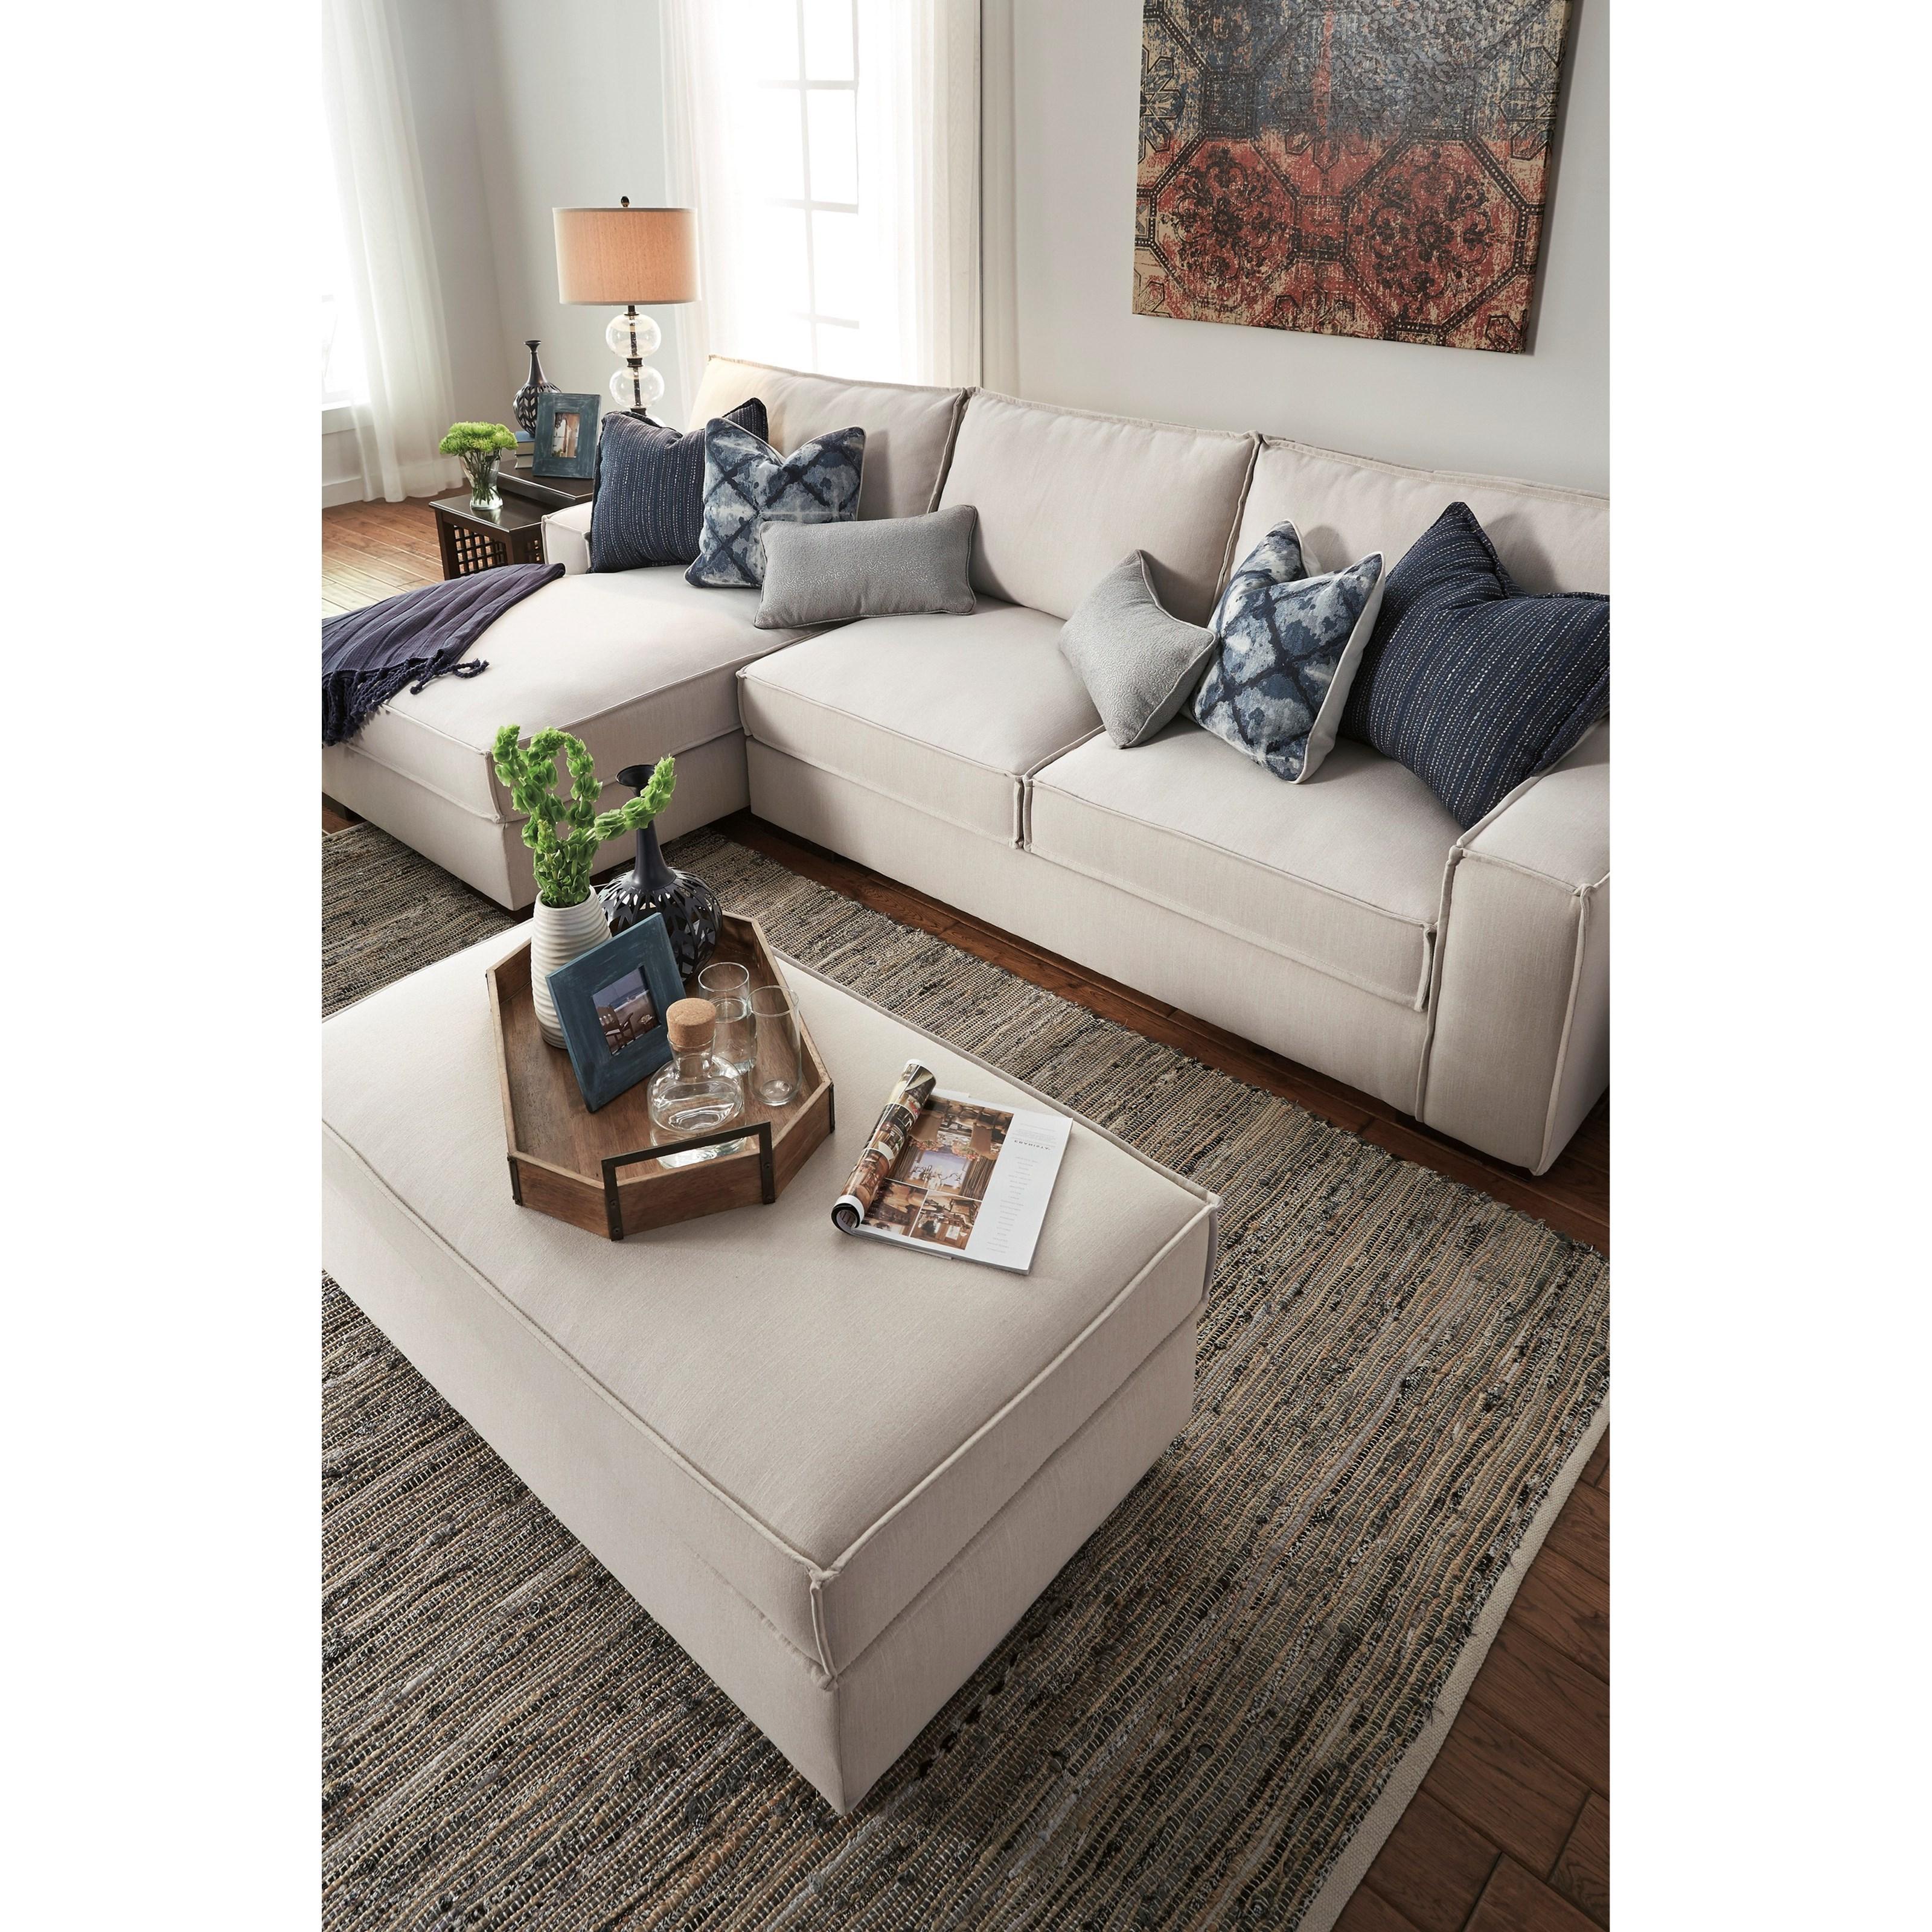 Benchcraft Kendleton Stationary Living Room Group - Item Number: 54704 Living Room Group 1